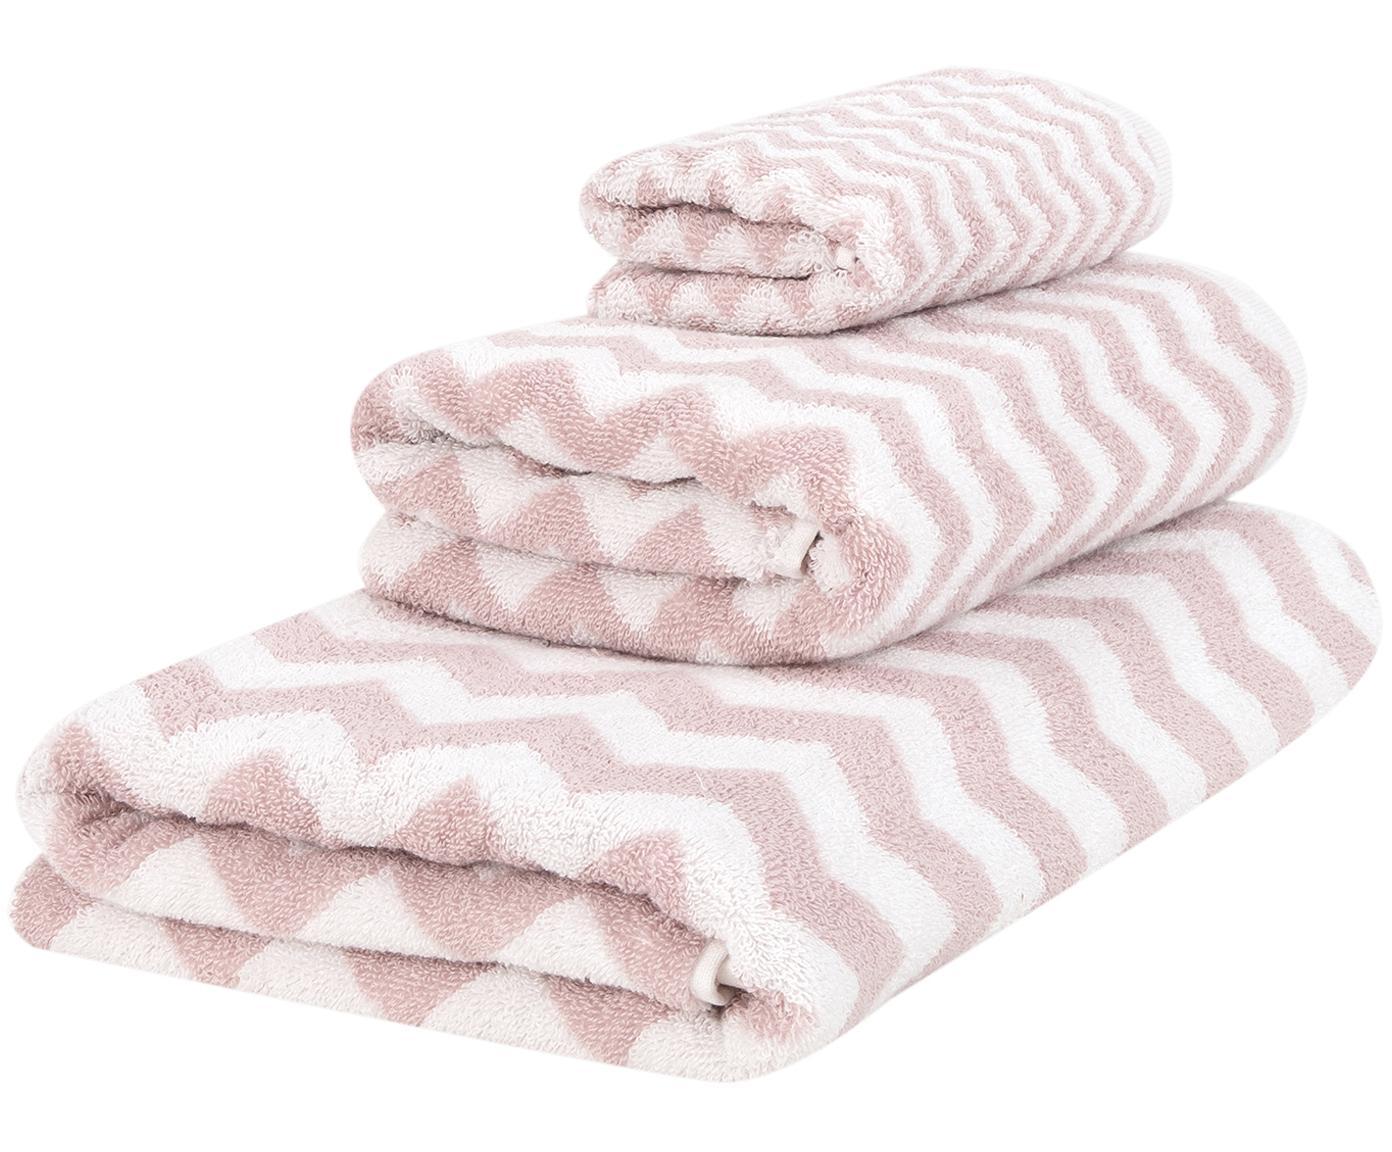 Komplet dwustronnych ręczników Liv, 3 elem., Blady różowy, kremowobiały, Różne rozmiary